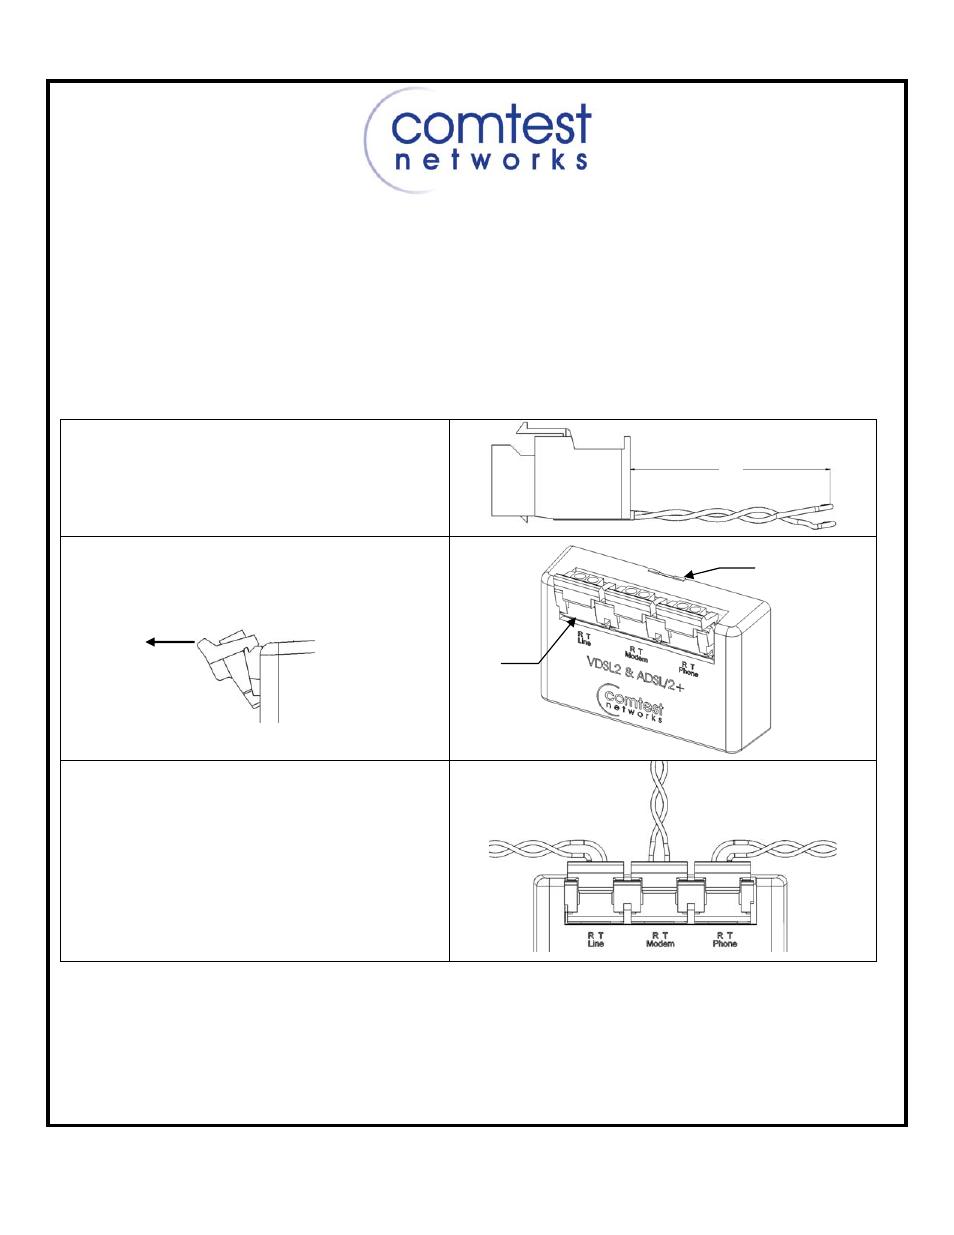 Comtest Networks Nid 01v Pots Splitter Datajack User Manual 2 Pages Wiring Diagram Background Image